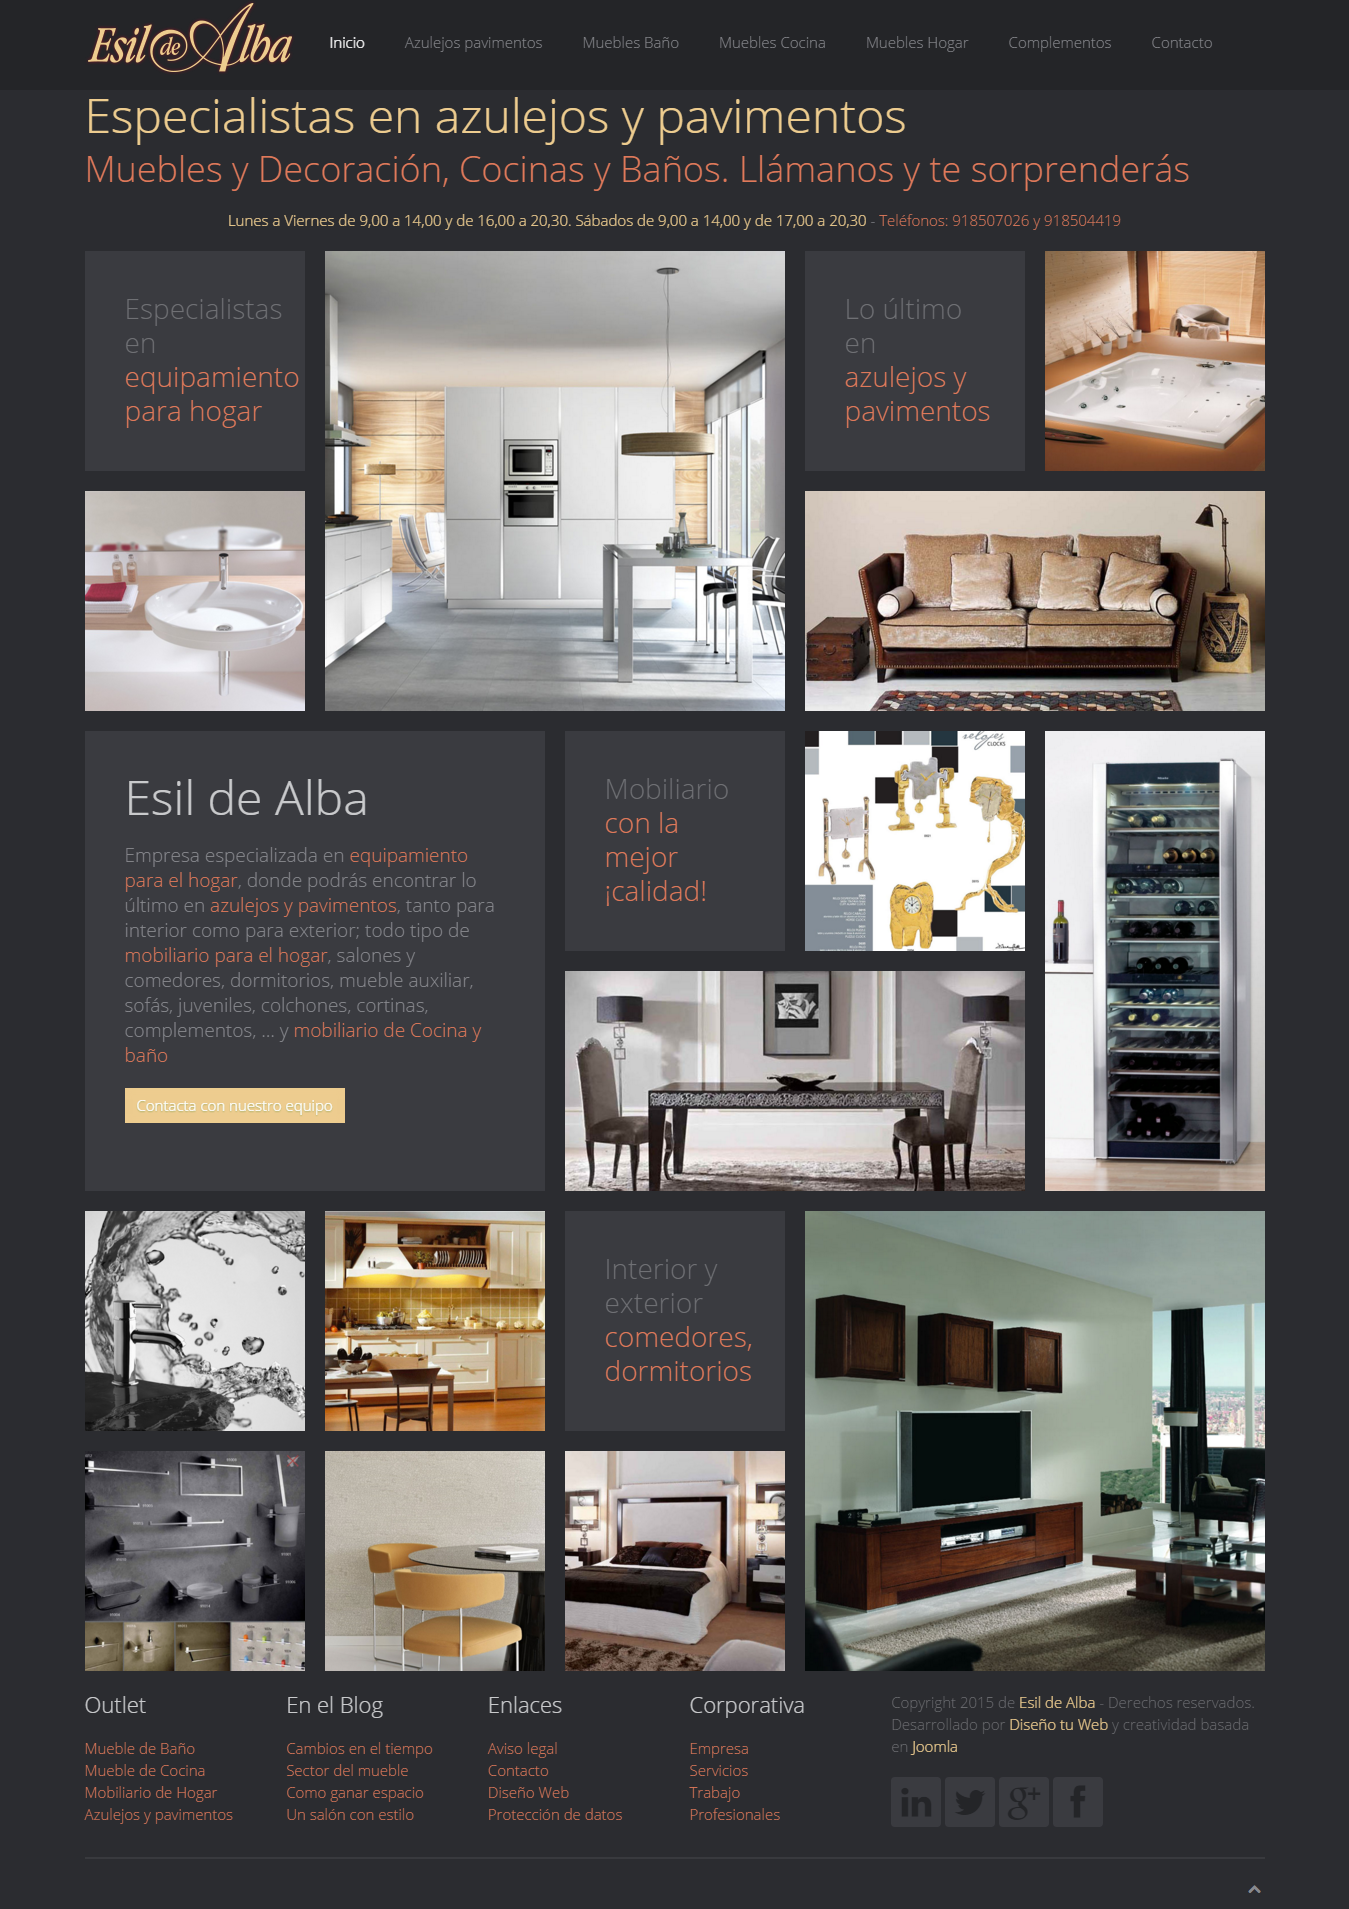 Esil De Alba Especialistas En Azulejos Y Pavimentos Muebles Y